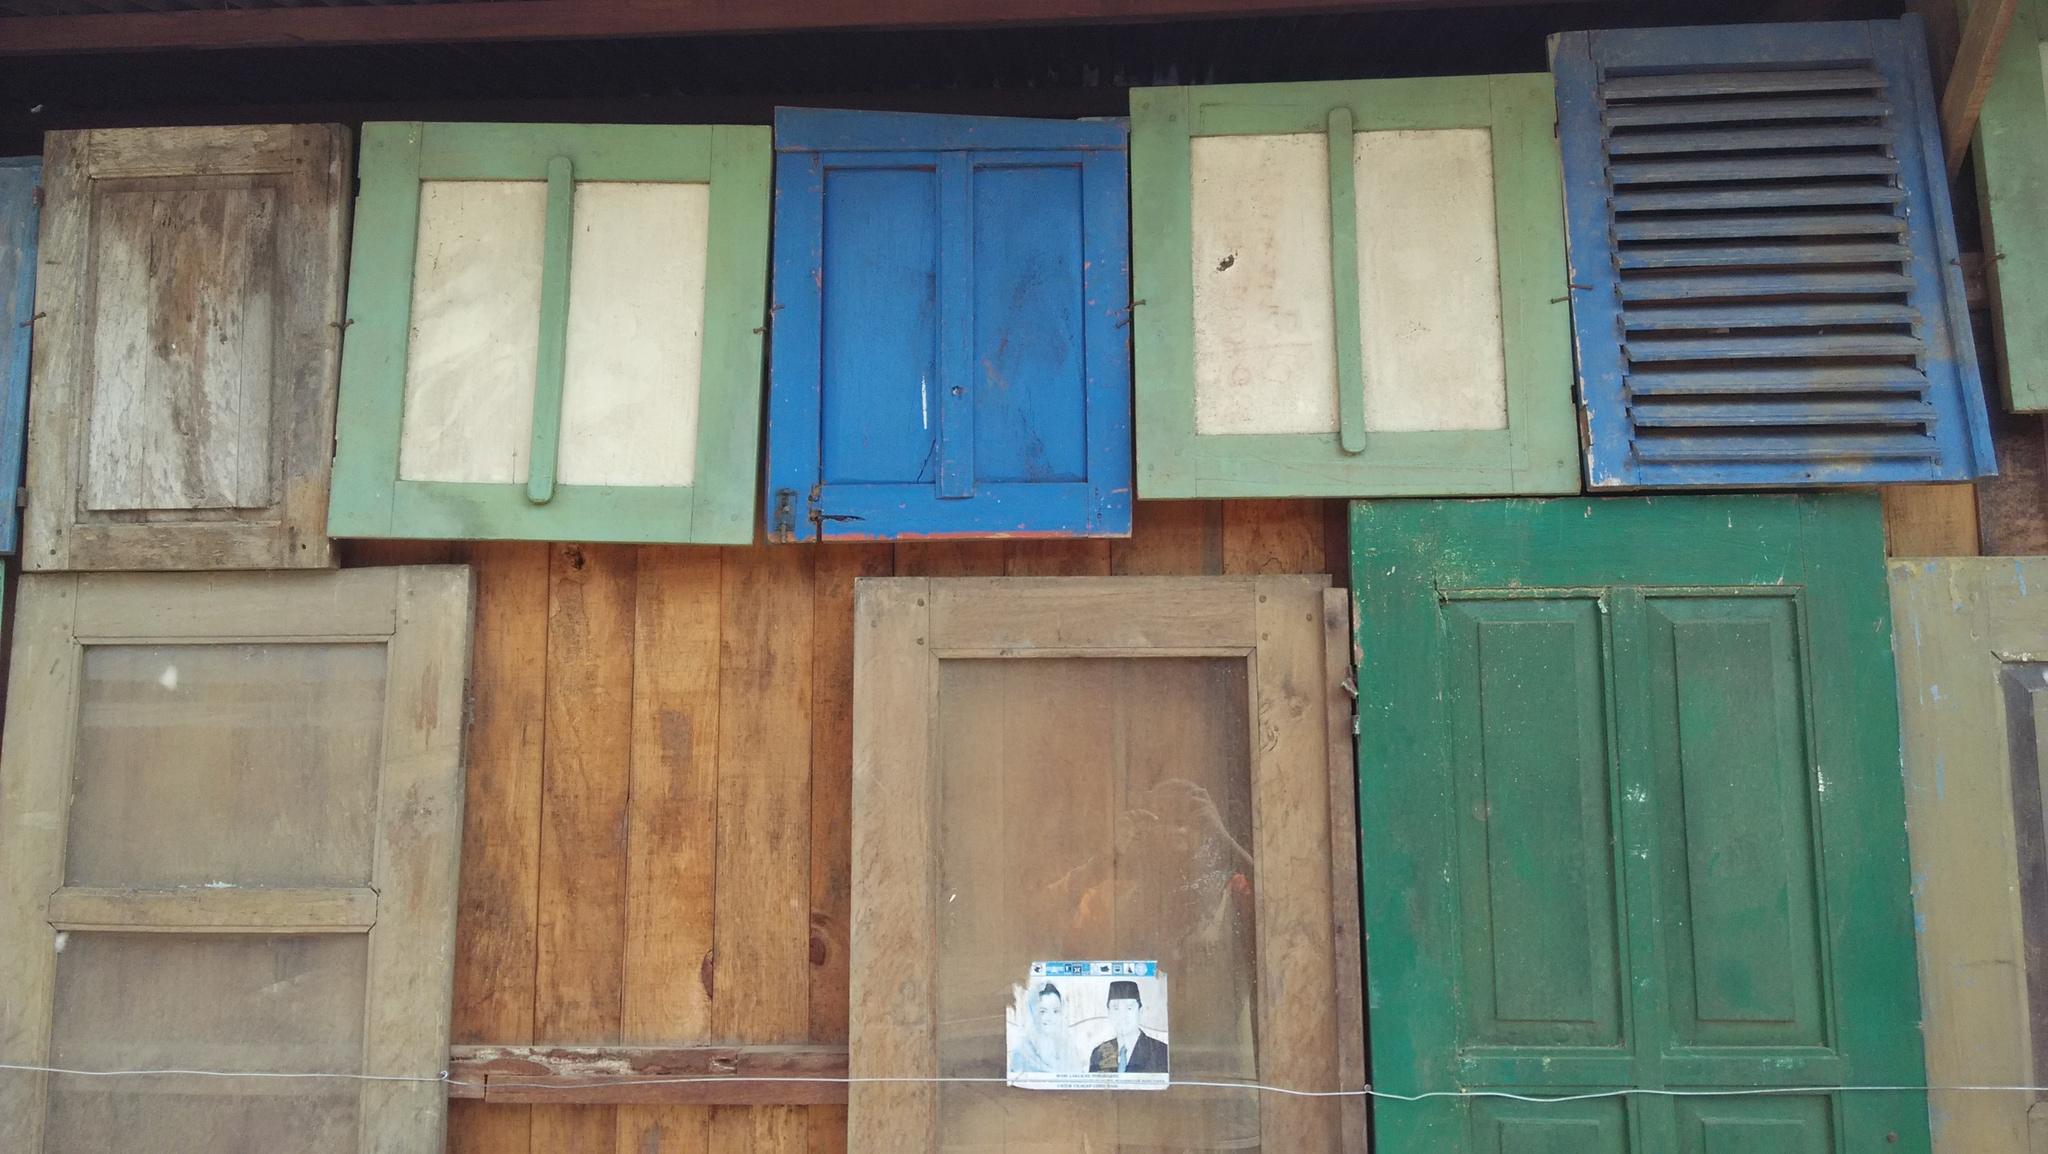 kuno: Jual interior cafe bar hotel rumah jendela jati kuno harga